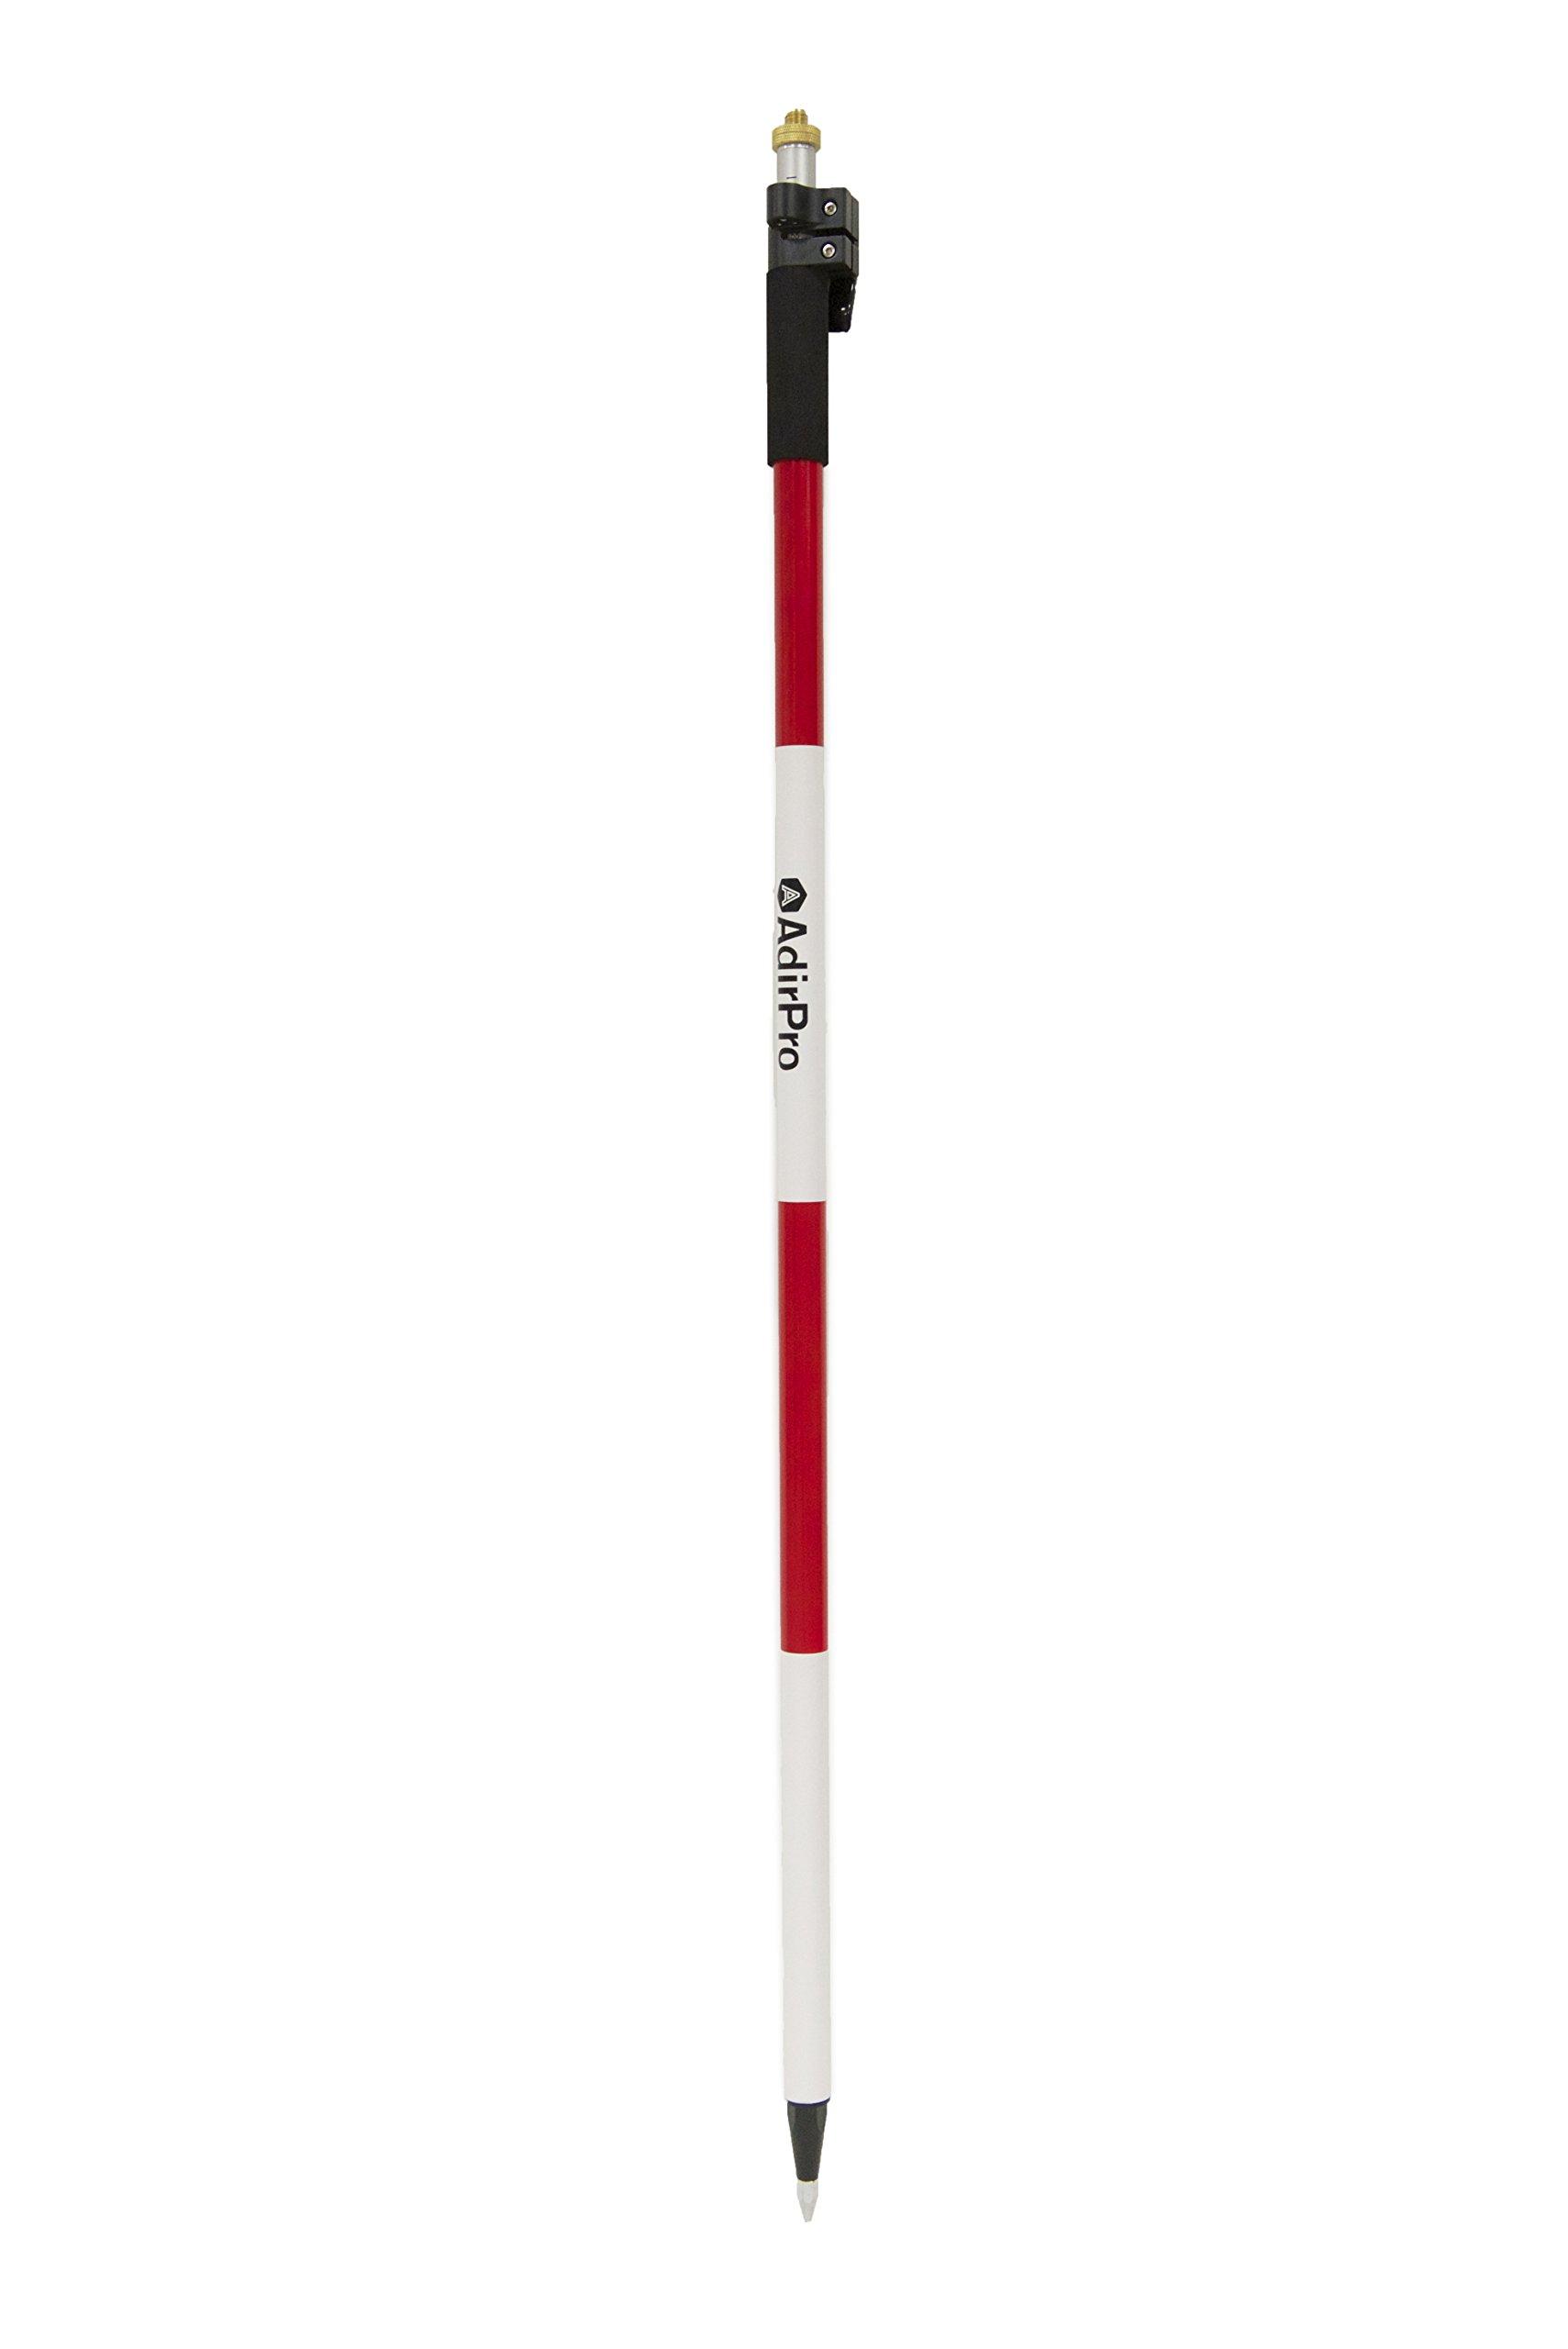 AdirPro Aluminum Prism Pole with Quick Release Clamp 12' (3.7m)